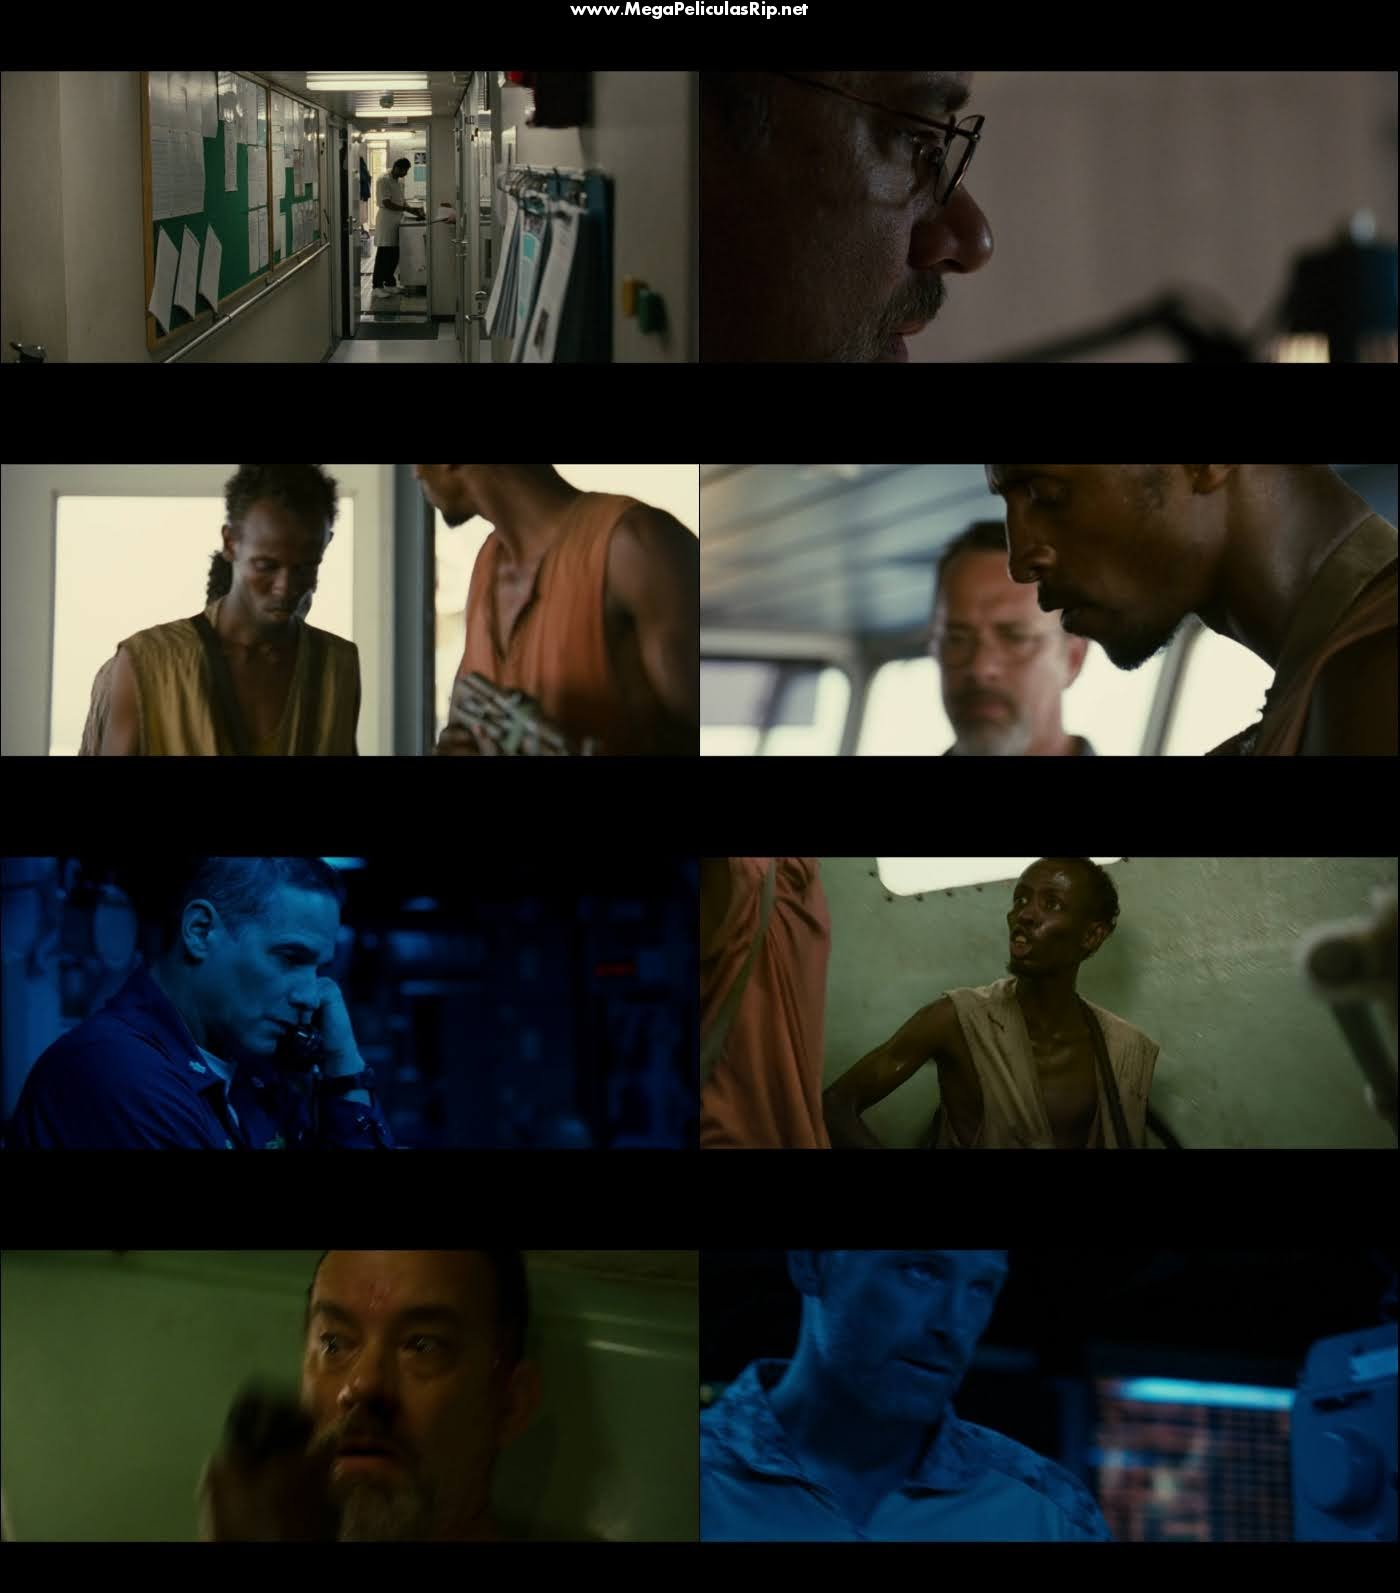 Capitan Phillips 1080p Latino